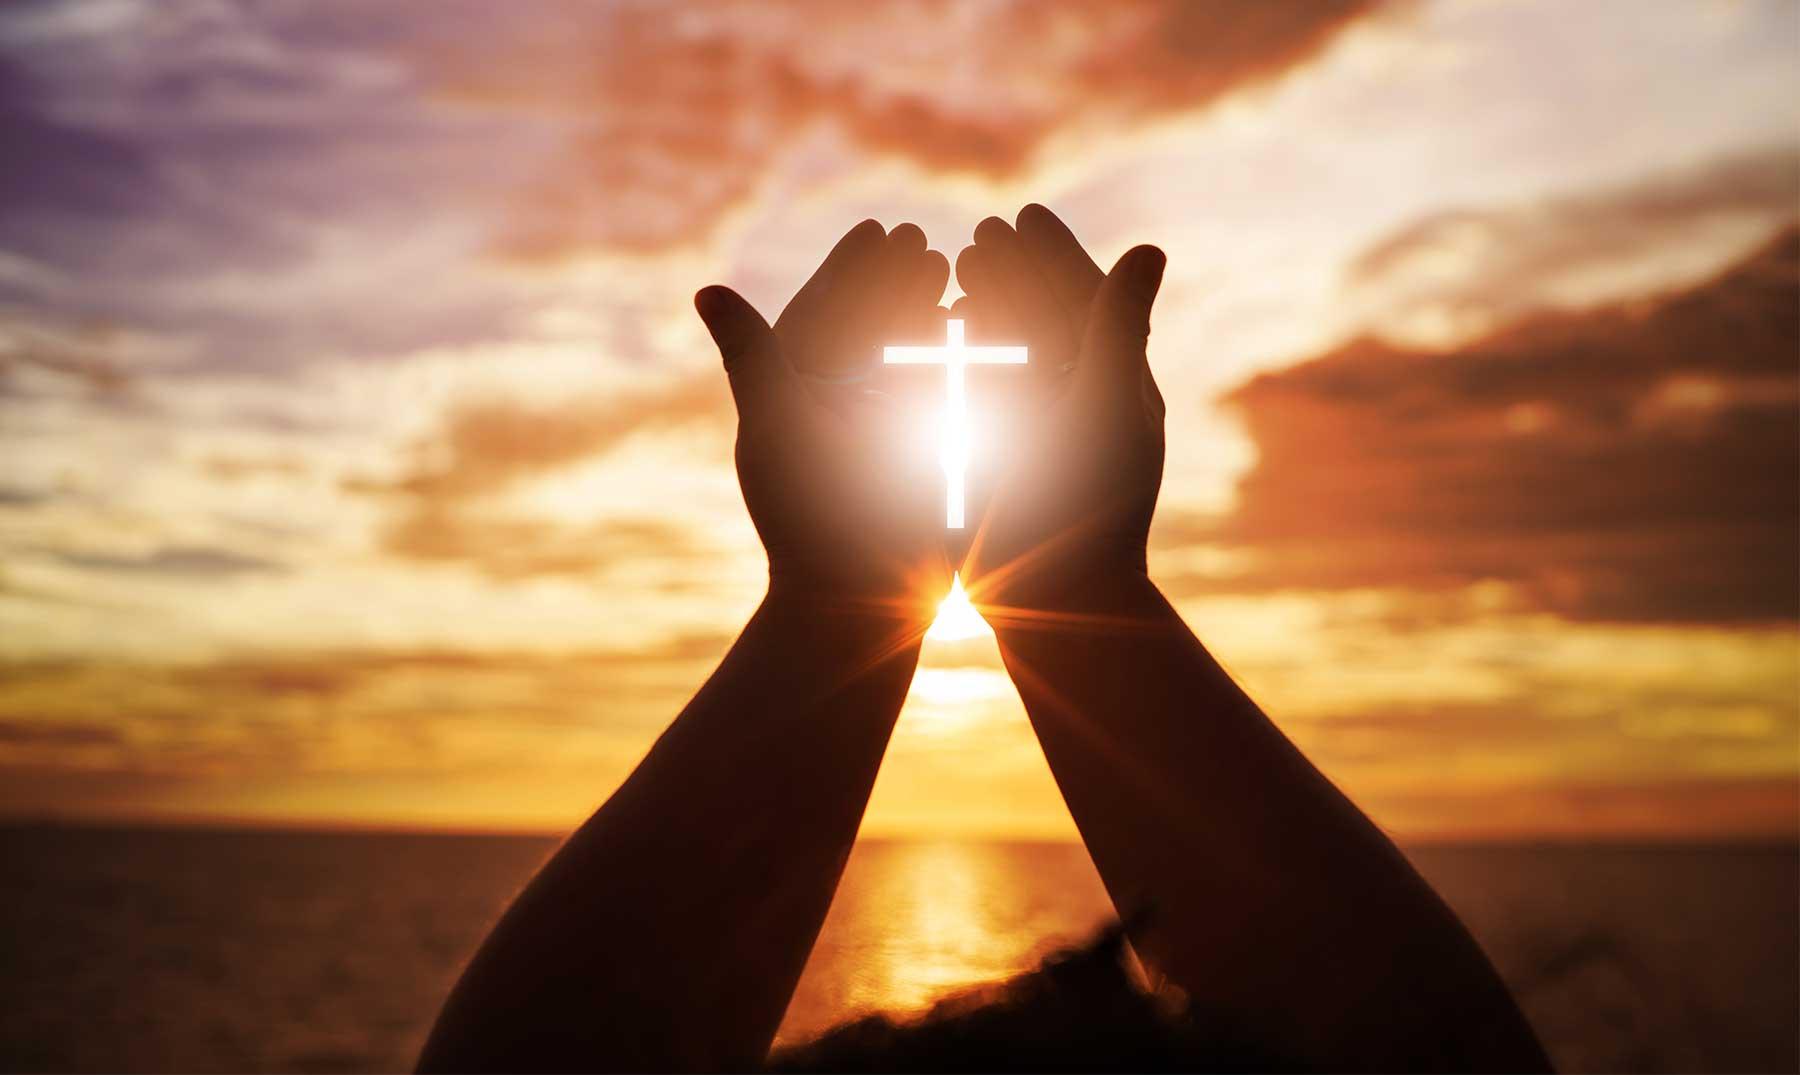 30 Proverbios Bíblicos Una Fuente De Sabiduría Con Imágenes